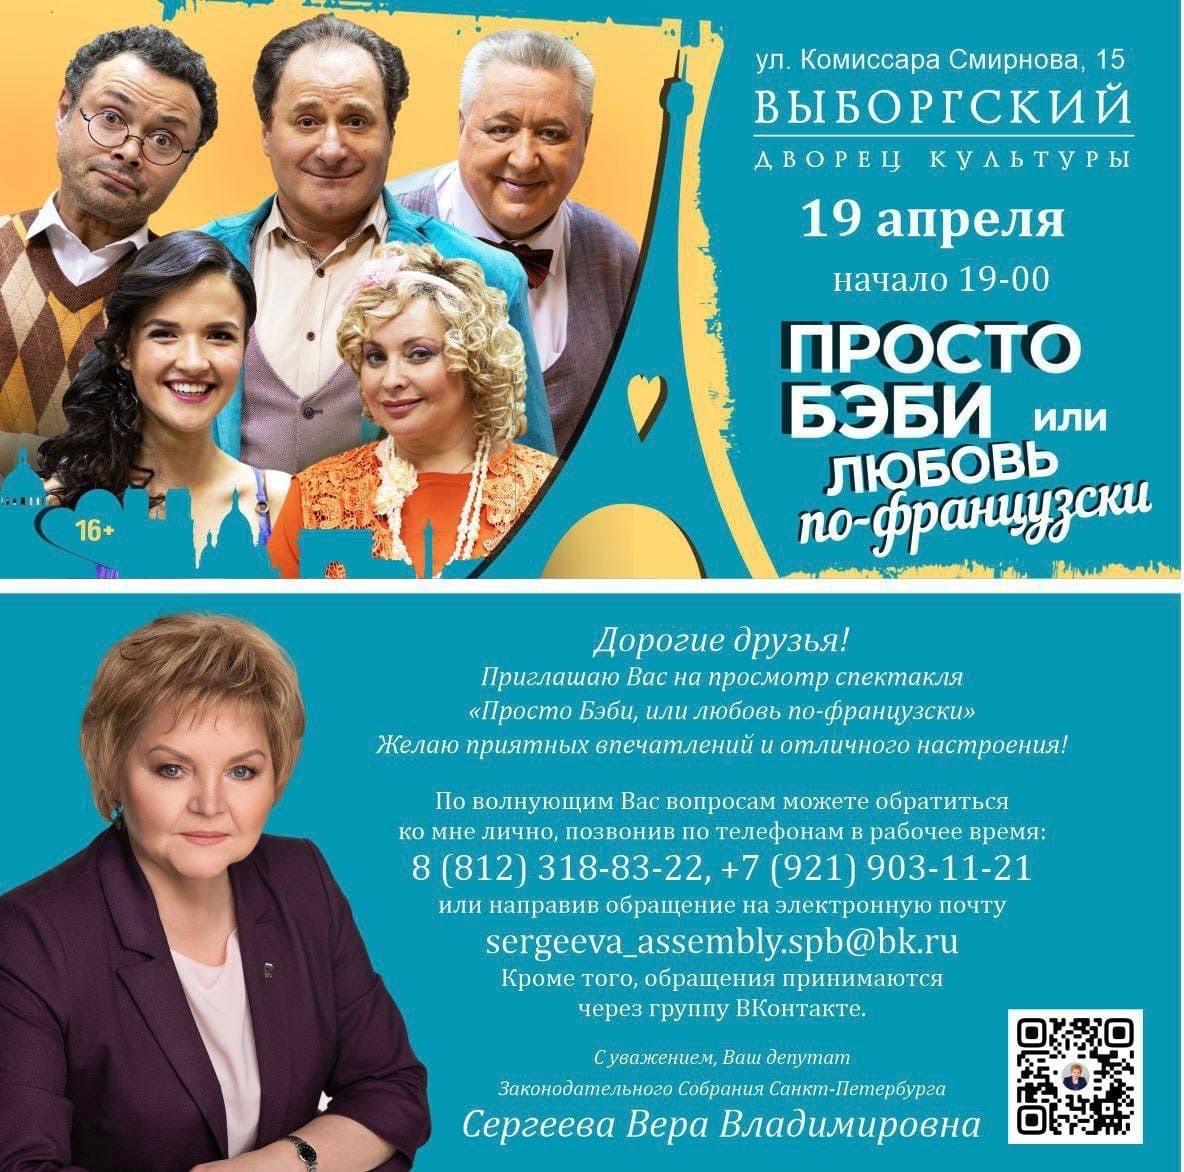 Сергеева Вера Владимировна приглашает большеохтинцев на спектакль «Просто бэби или Любовь по-французски»